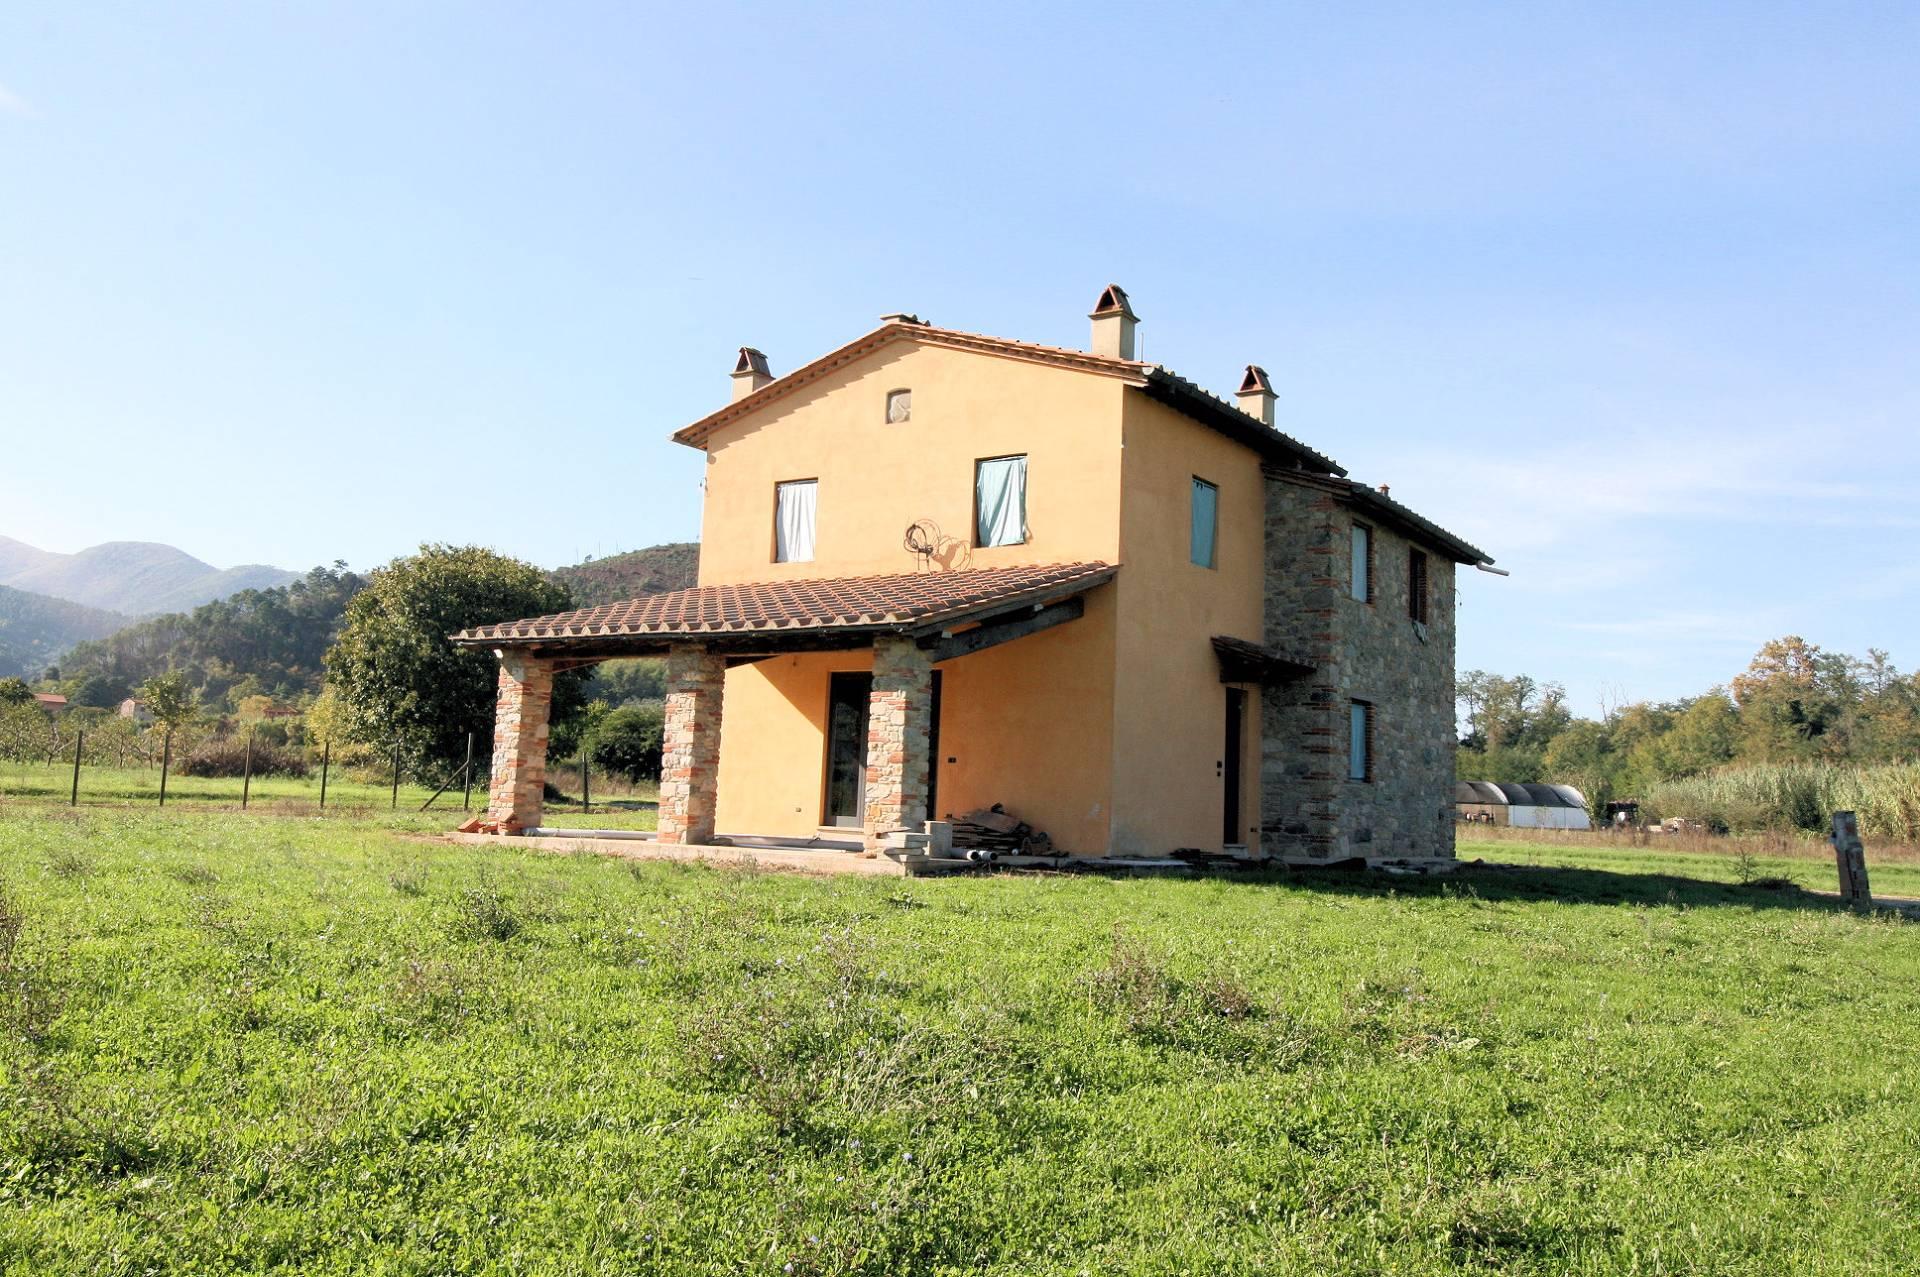 Rustico / Casale in vendita a Capannori, 8 locali, prezzo € 395.000 | Cambio Casa.it